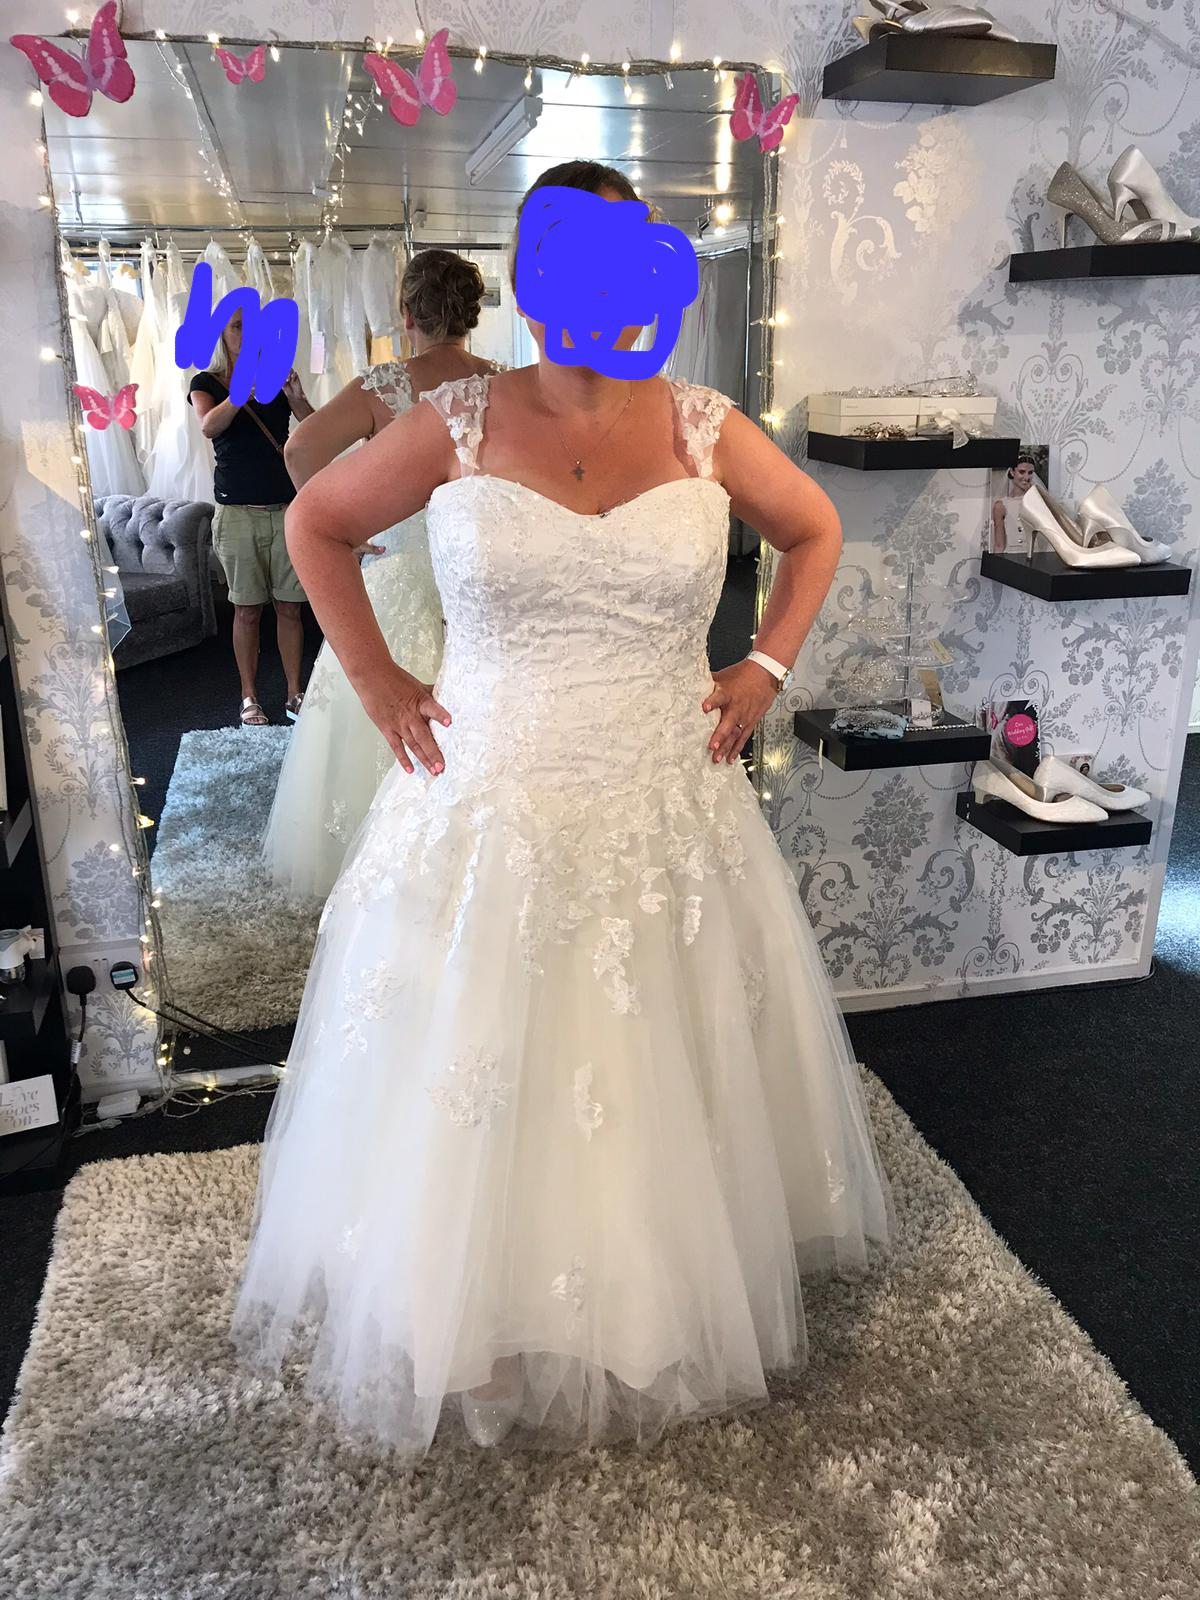 ecdf6926fae3 sell my wedding dress. 666E40B3-2F9F-4C2B-A3F3-C1A1A82E3B04